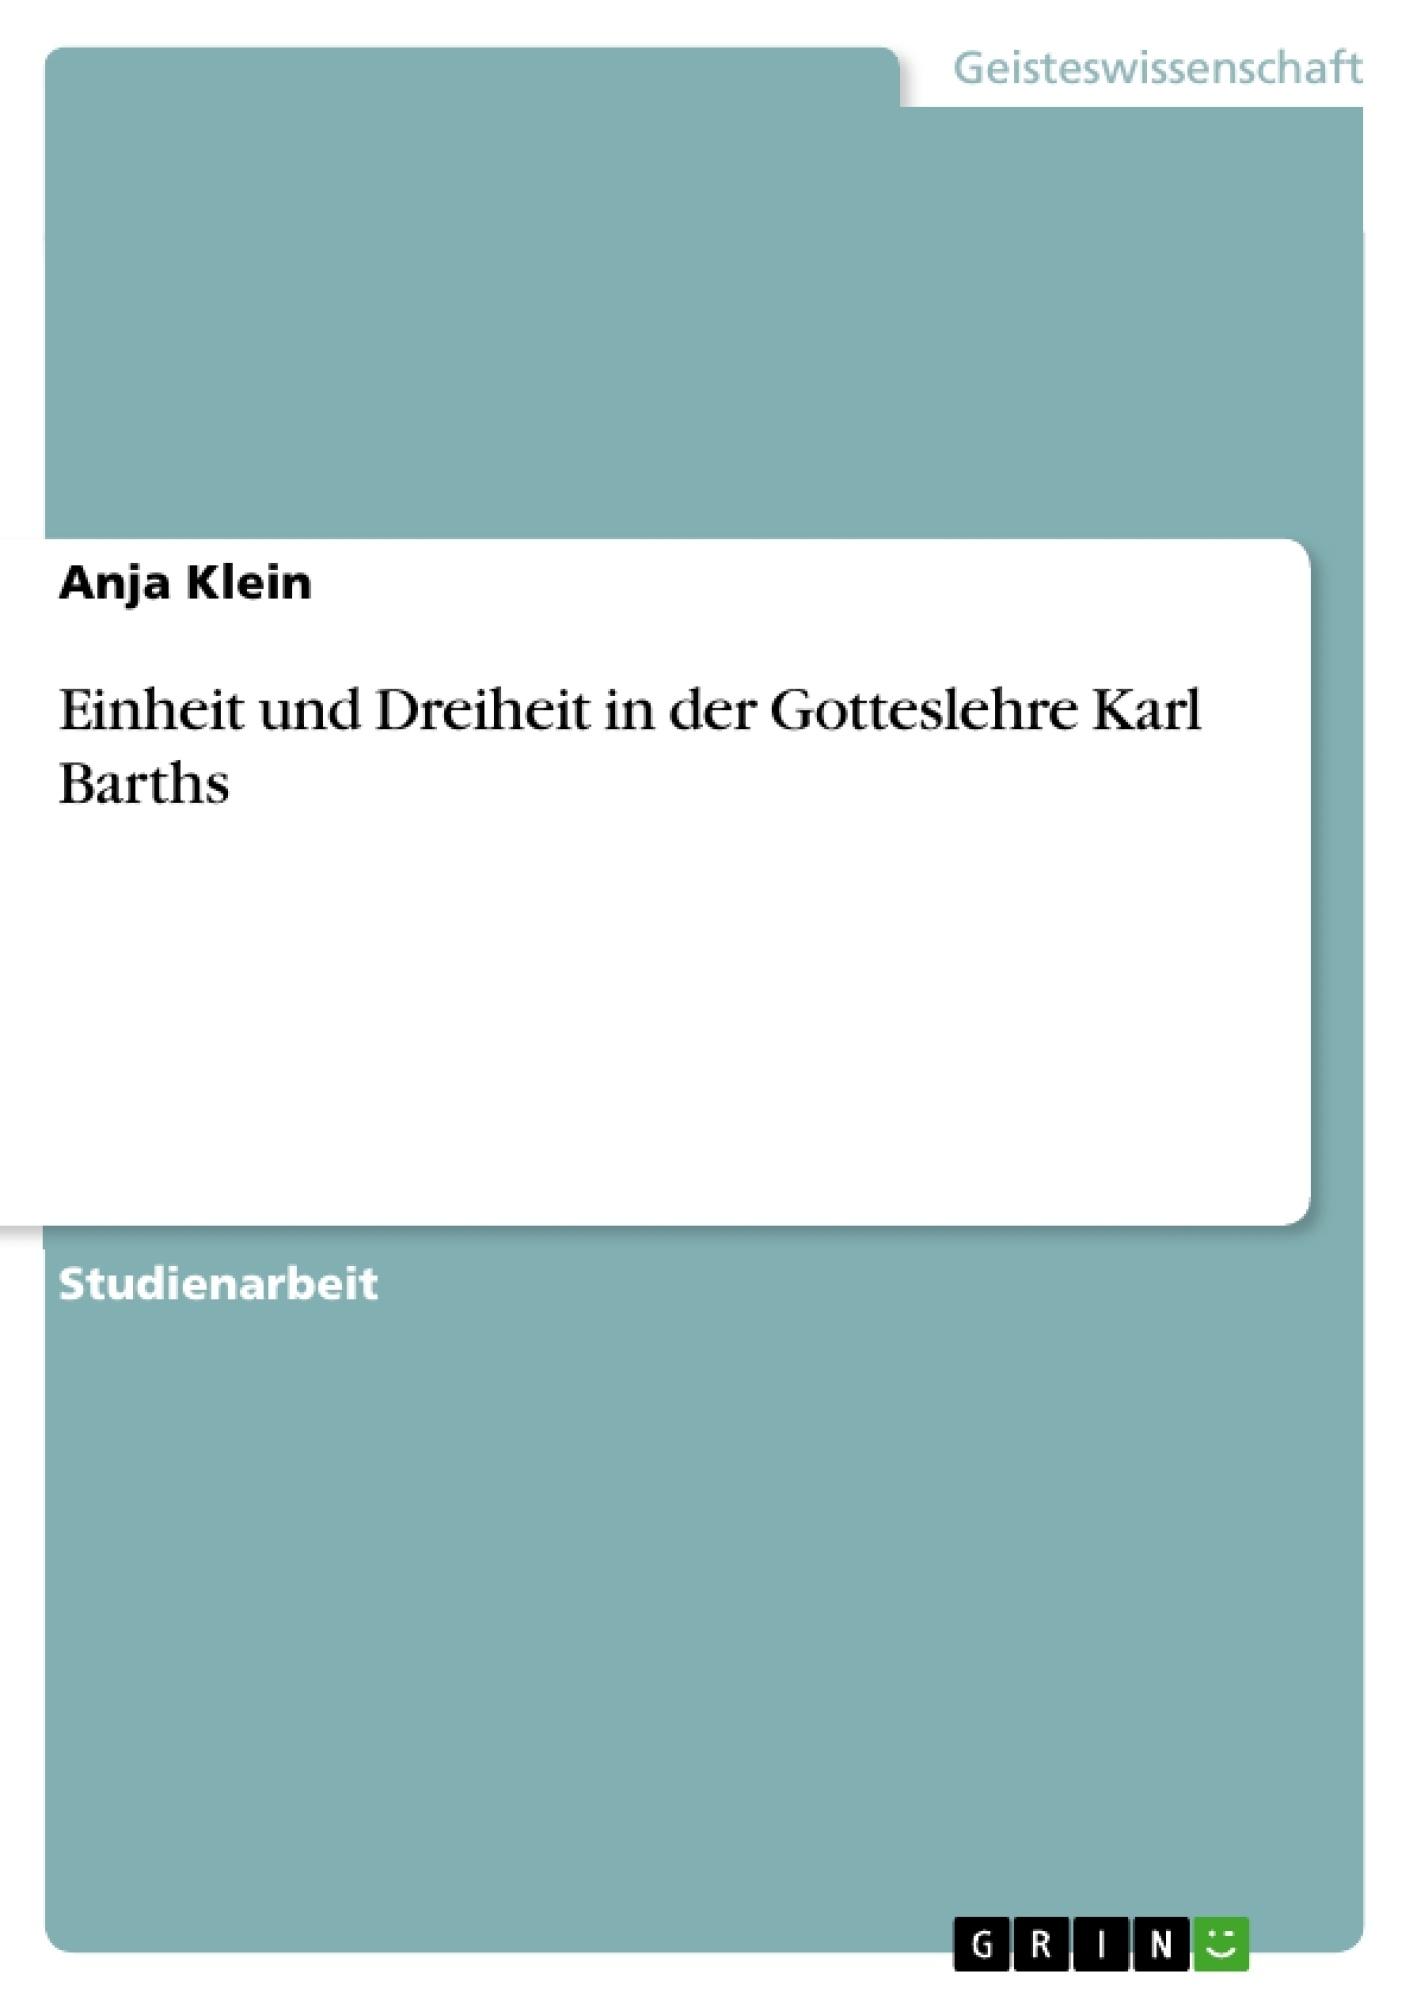 Titel: Einheit und Dreiheit in der Gotteslehre Karl Barths